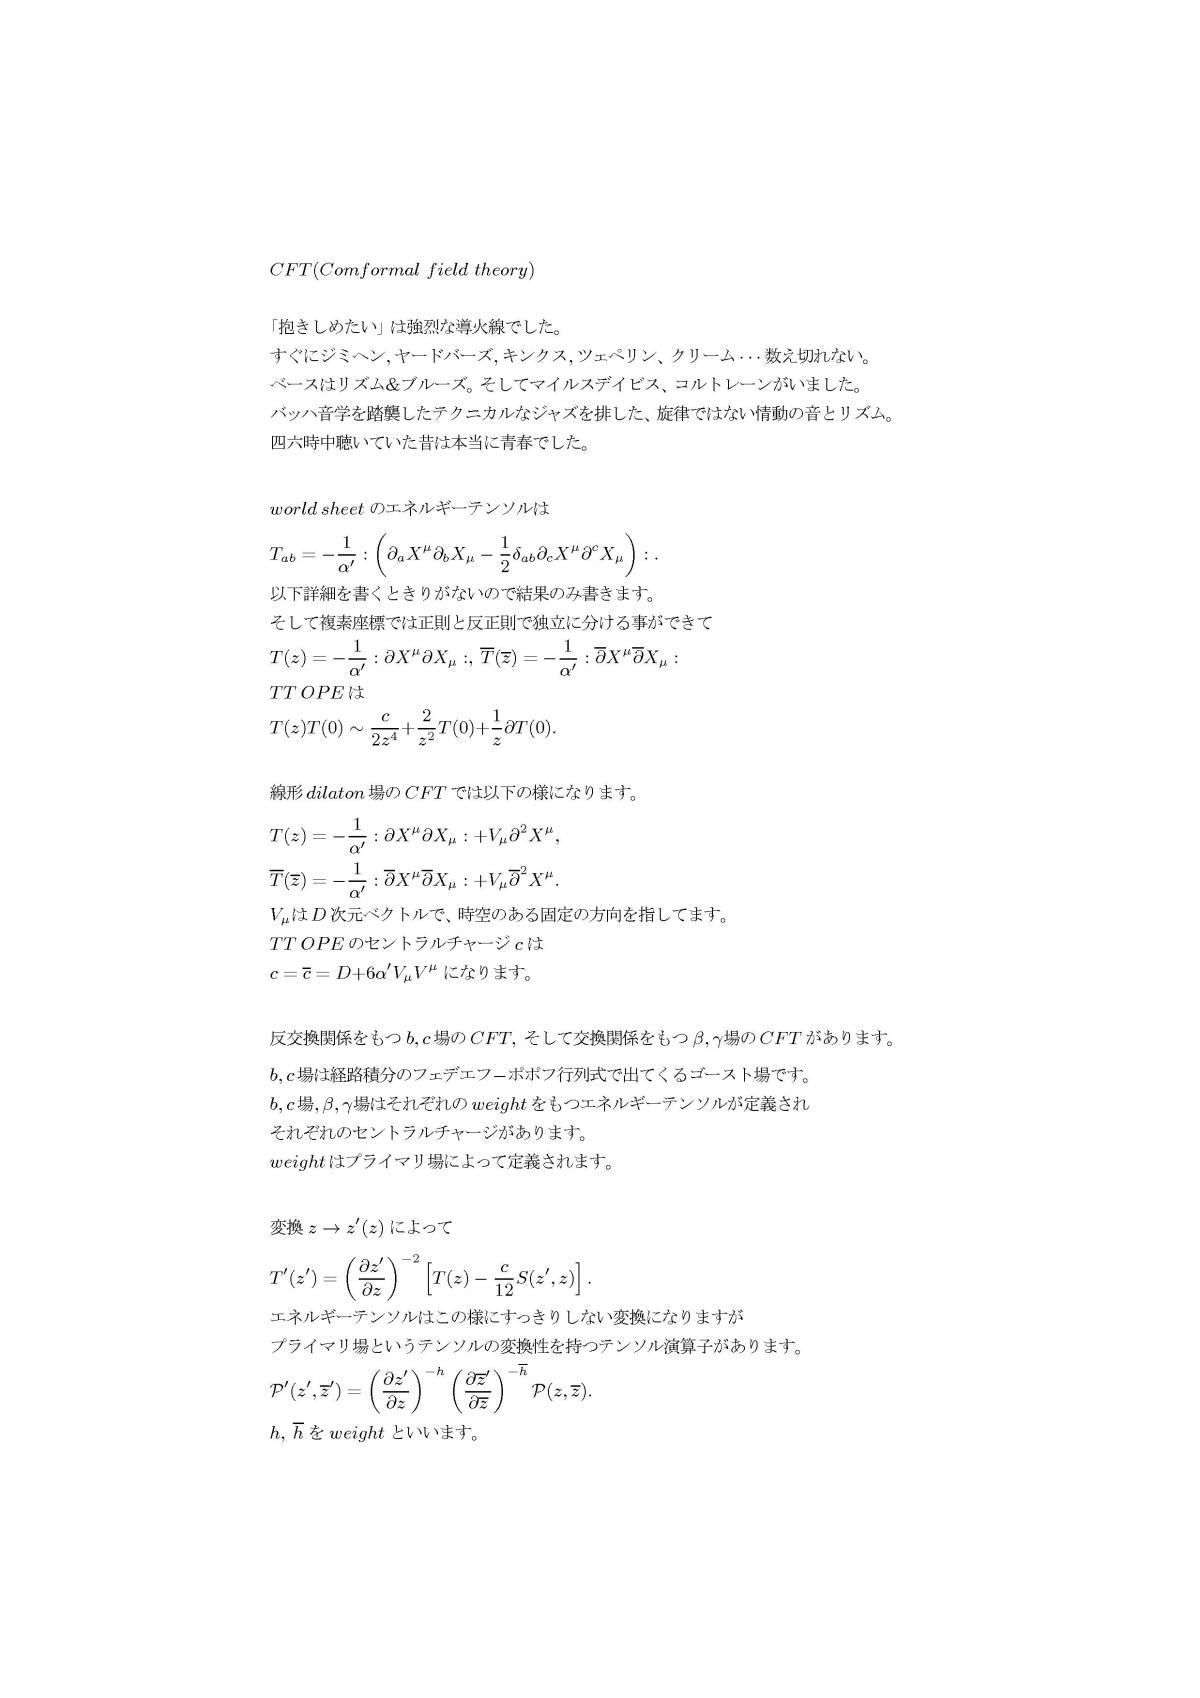 zgen51.jpg